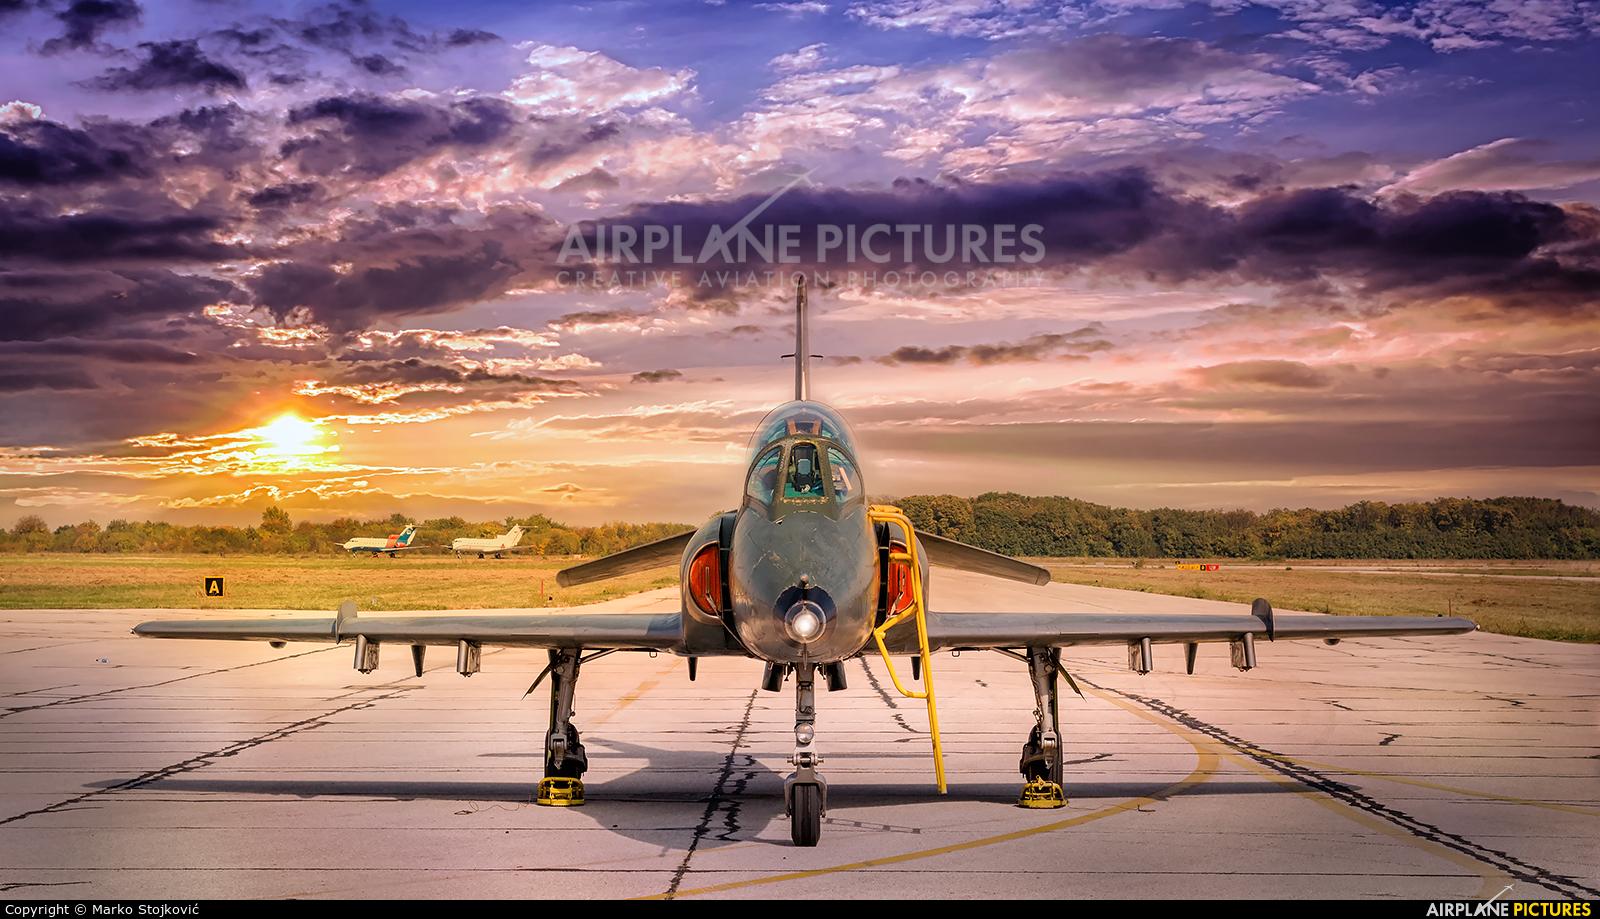 Serbia - Air Force 23738 aircraft at Batajnica